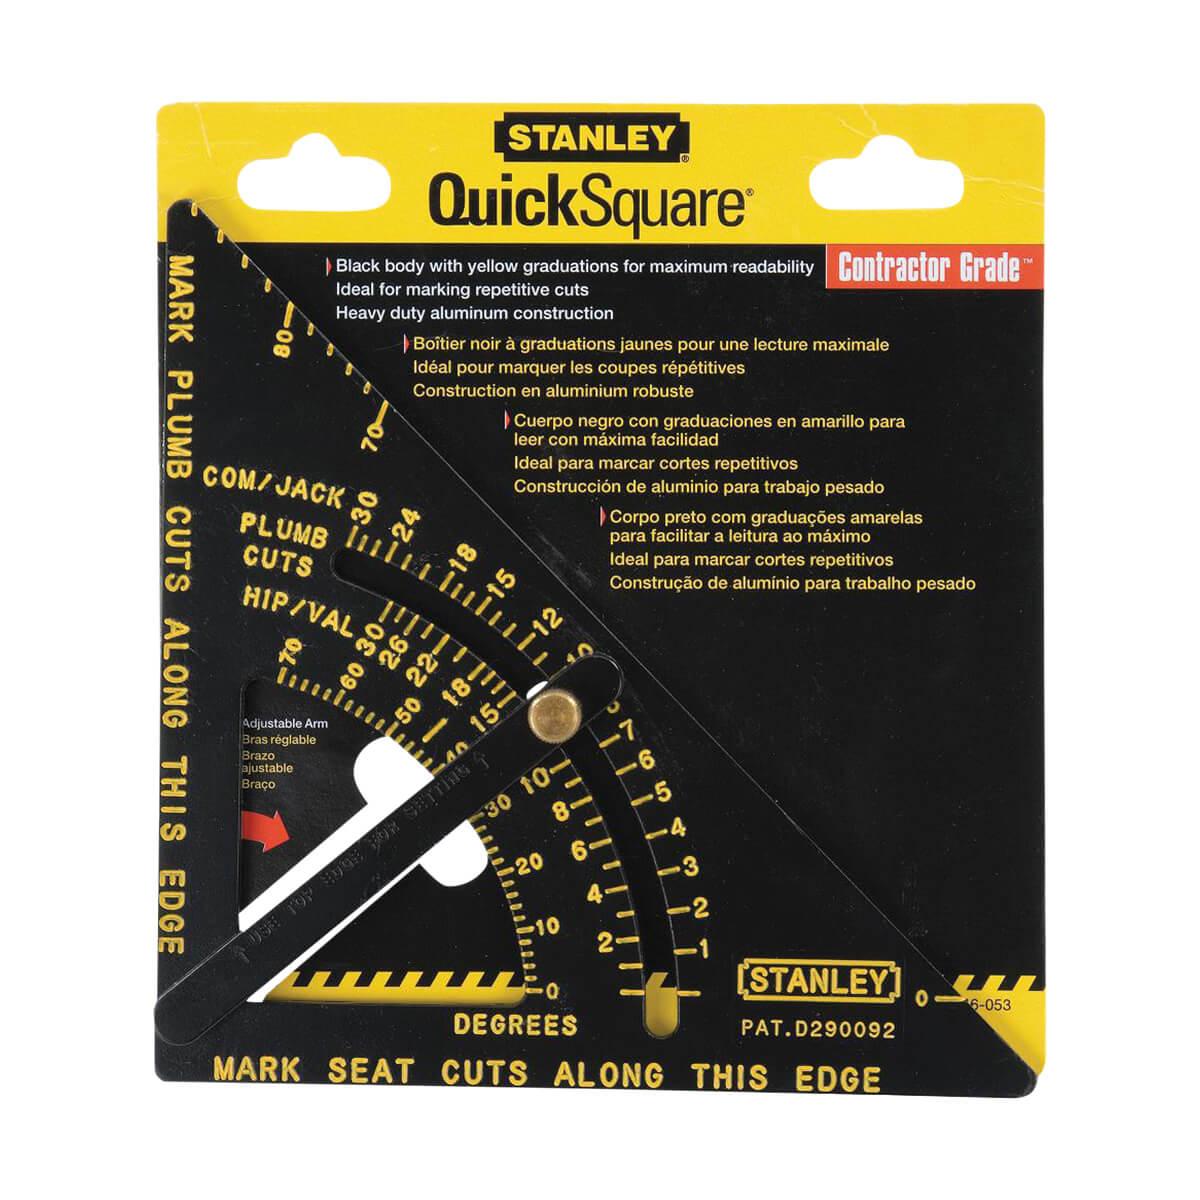 Stanley Premium Adjustable Quick Square Layout Tool - 46-053